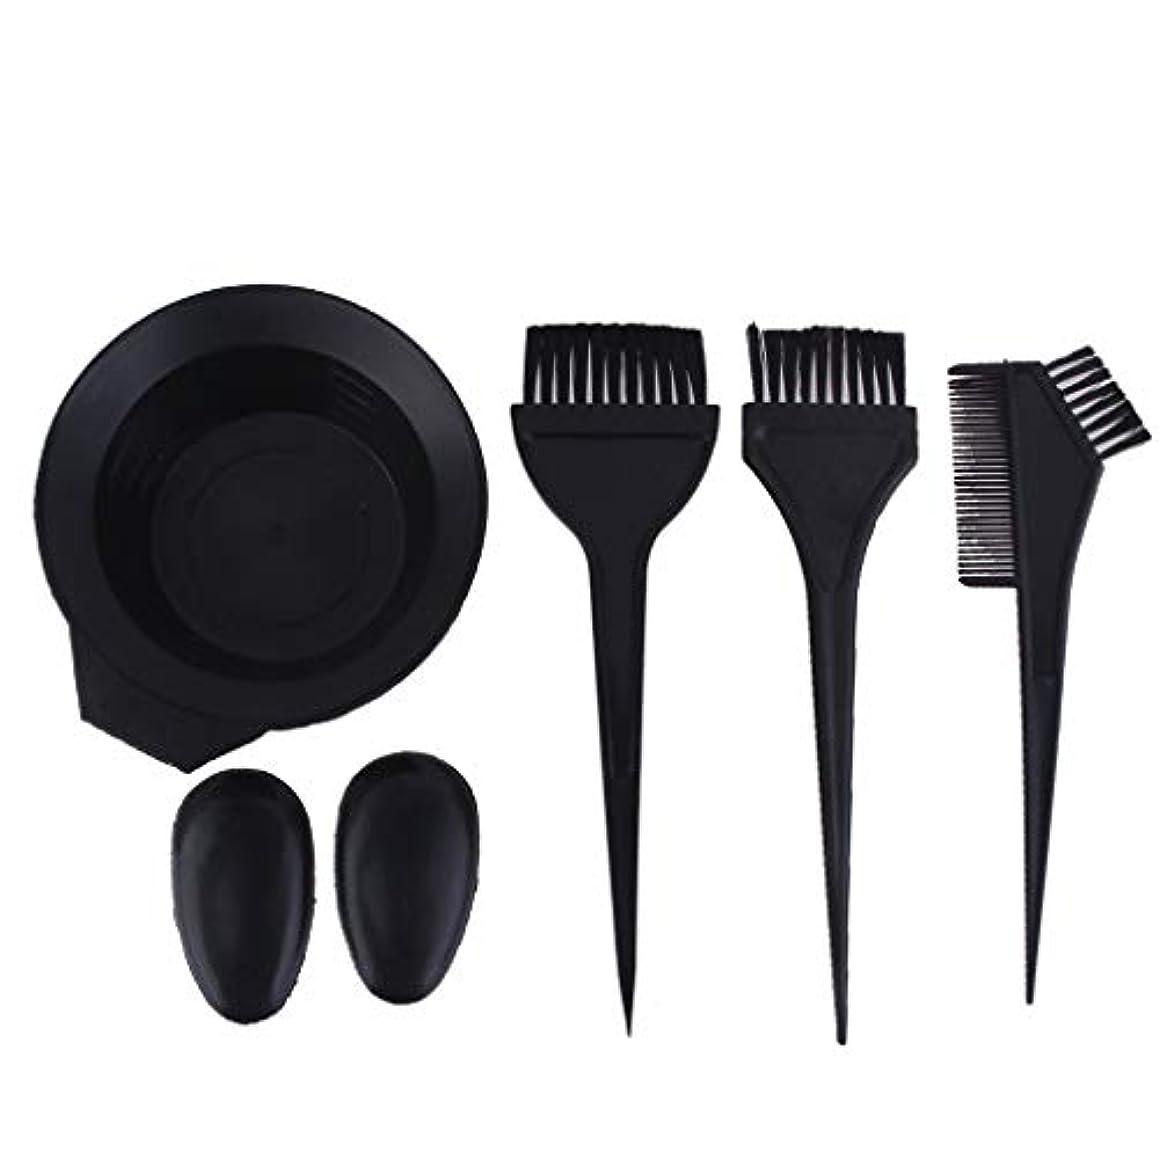 機転気分開梱サロンの髪染めのためのプラスチック黒髪ボウル櫛ブラシキット